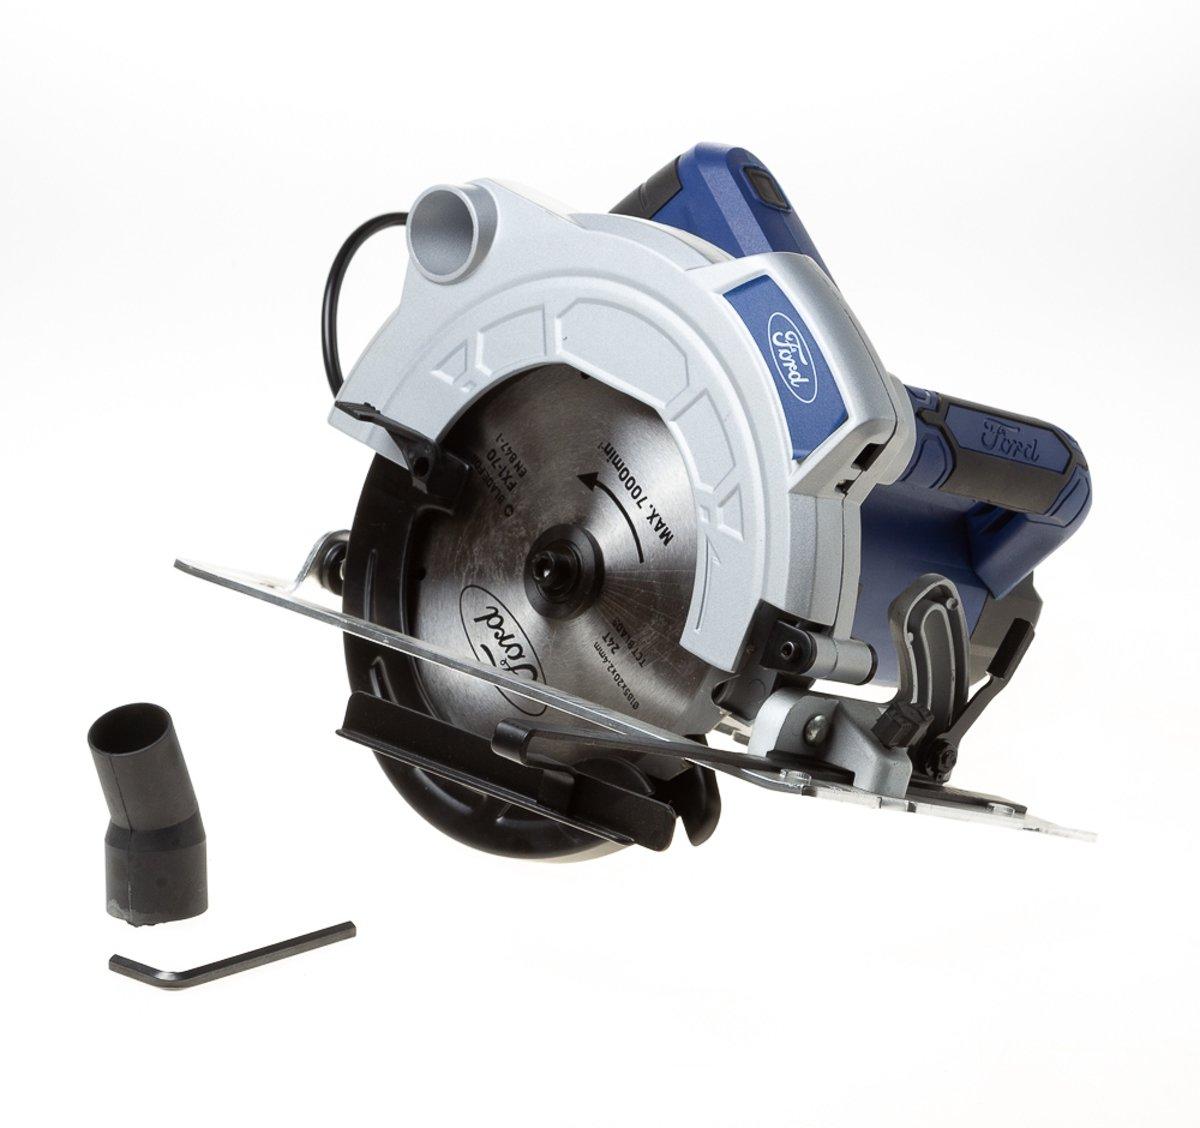 Ford Tools Cirkelzaag 1500W FX1-70